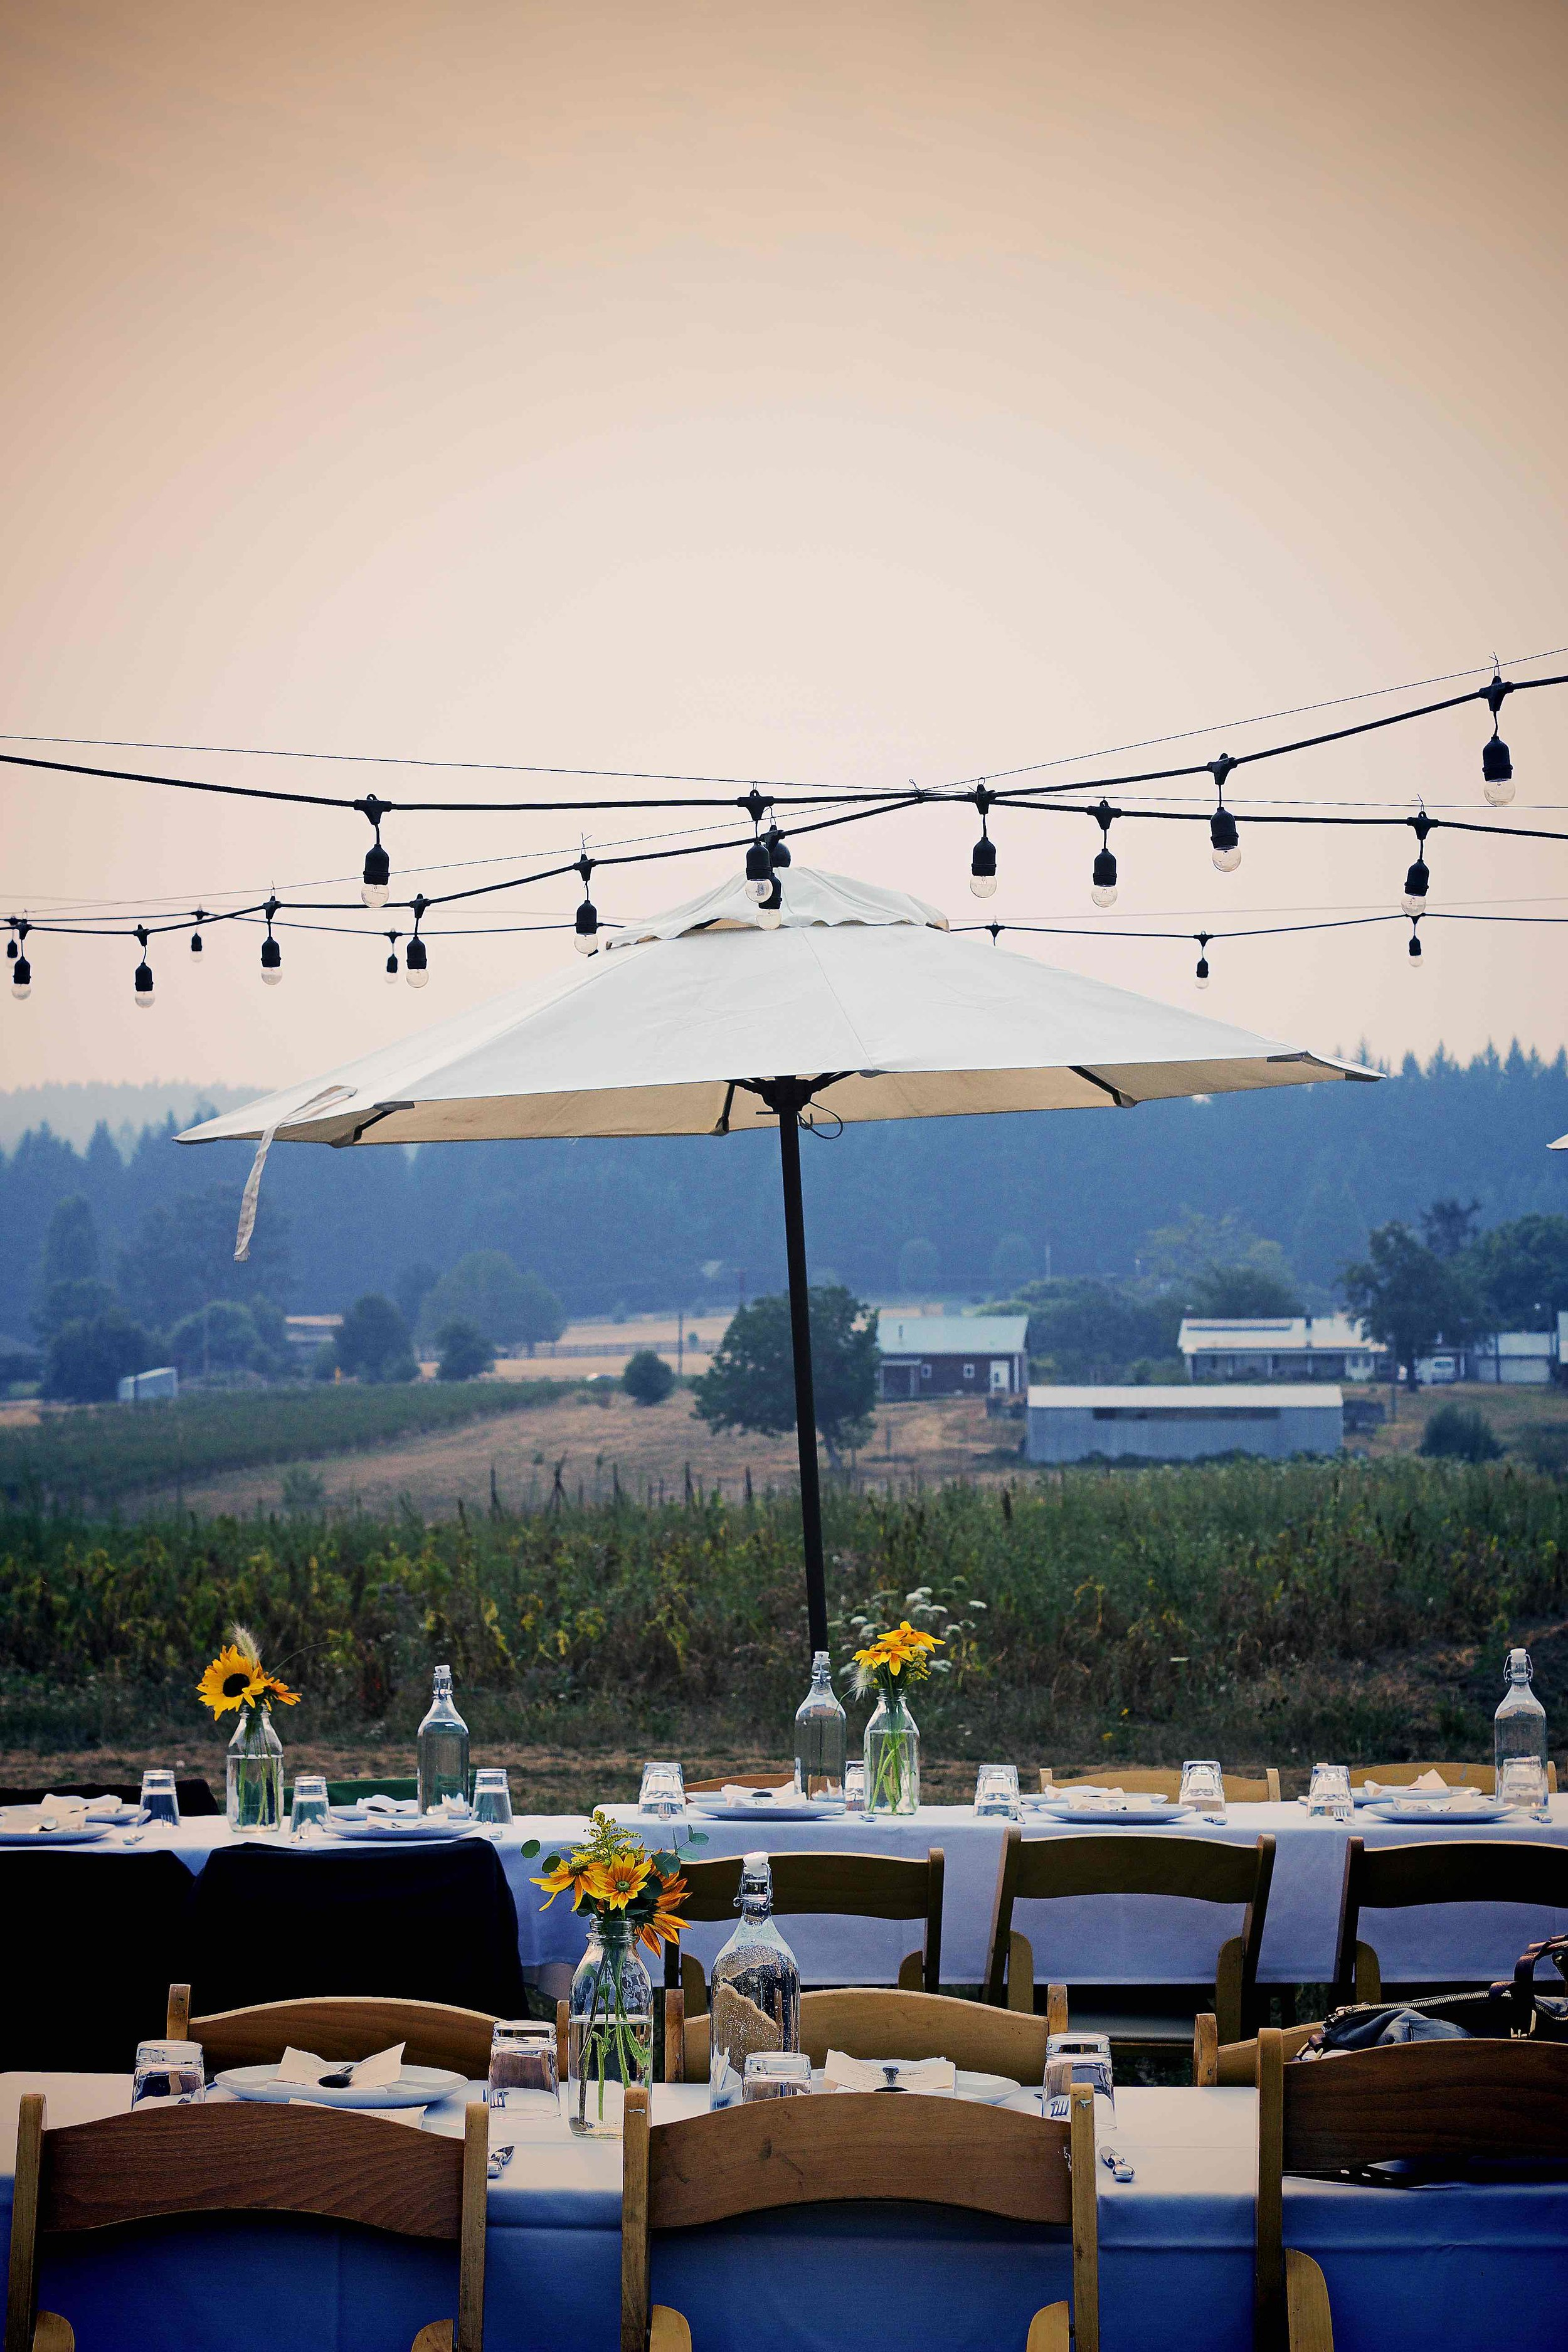 IMG_3691x Our Table_xx.jpg